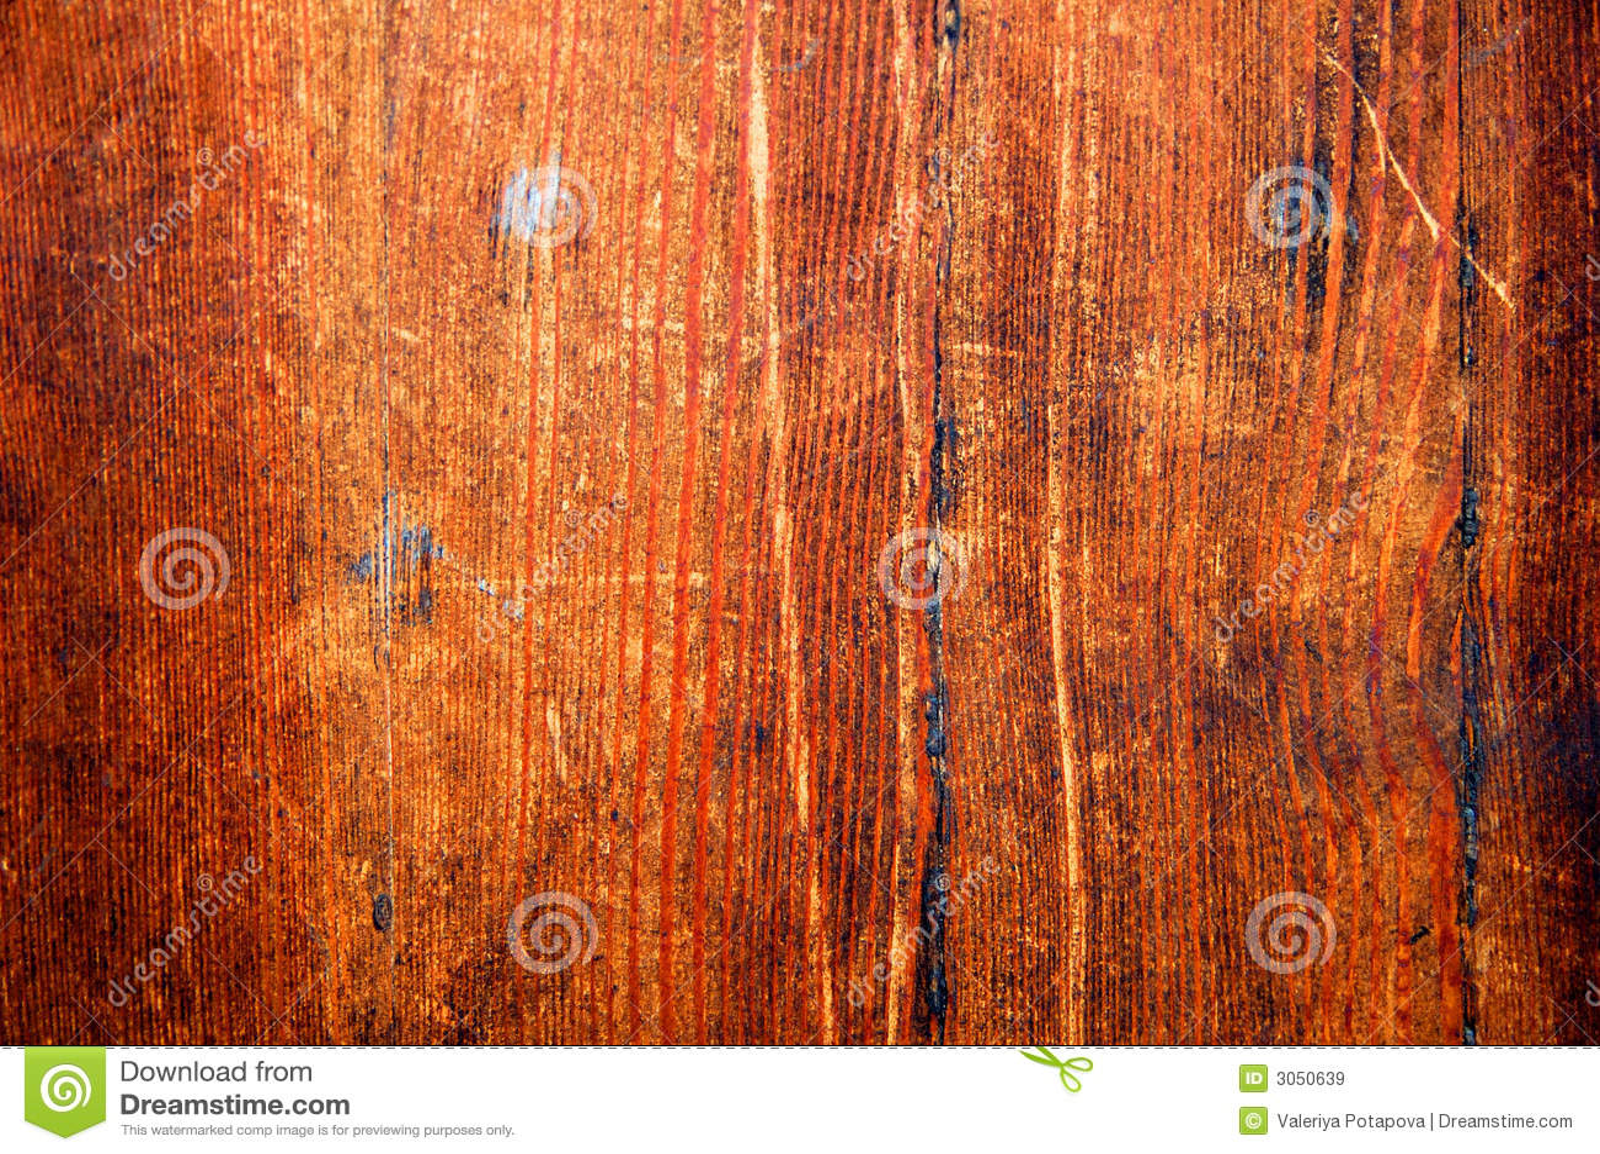 wood background royalty free - photo #34